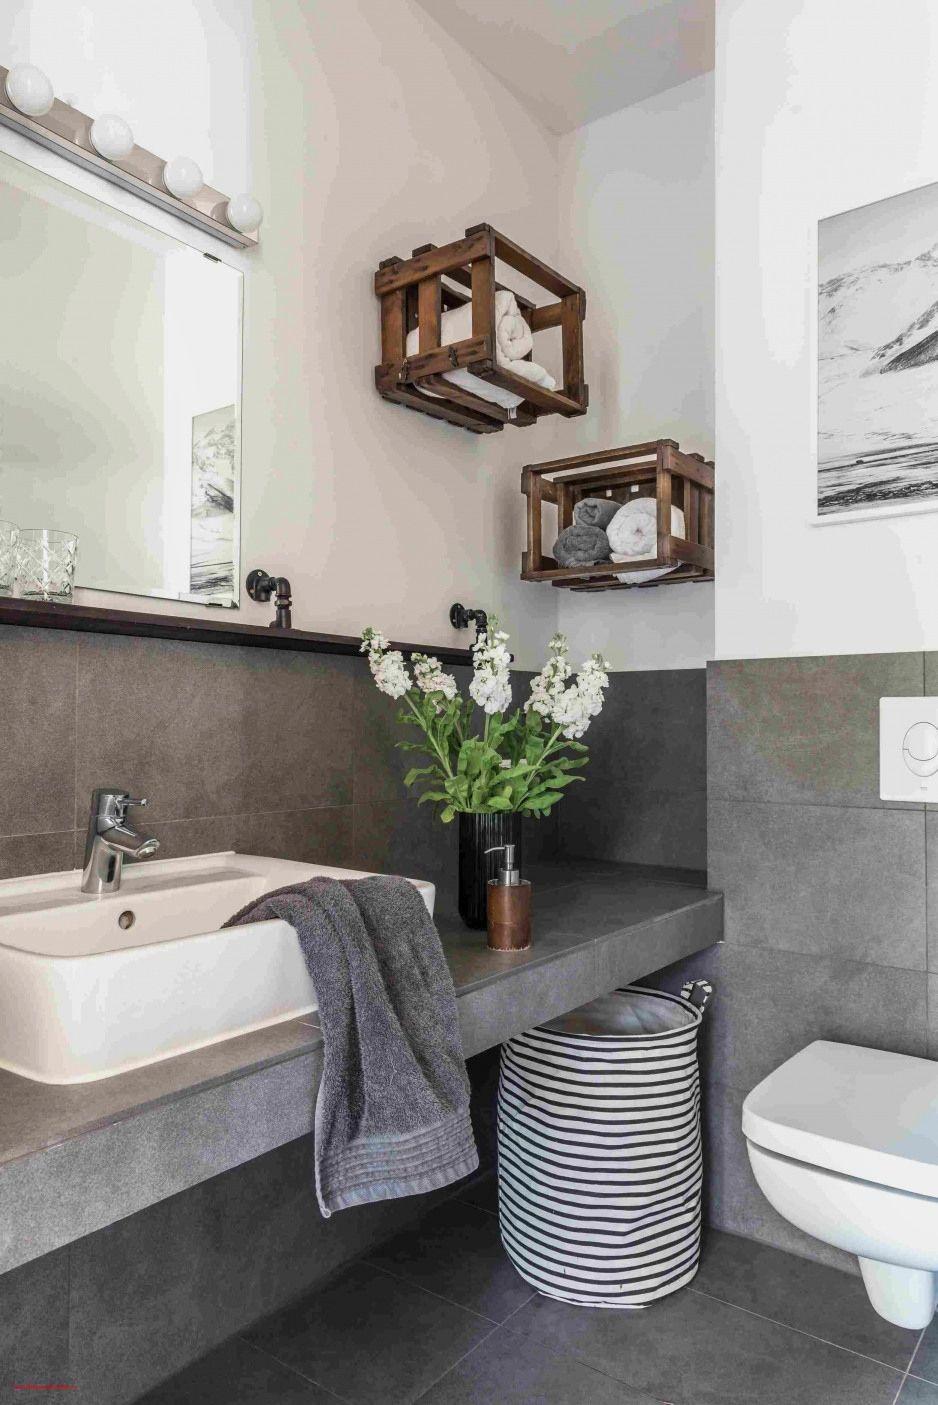 Bad Dekoration Wand Einzigartig Das Passende 54 Foto Badezimmer Dekorieren Ideen Bequemen Bad Styling Badezimmer Badezimmer Wand